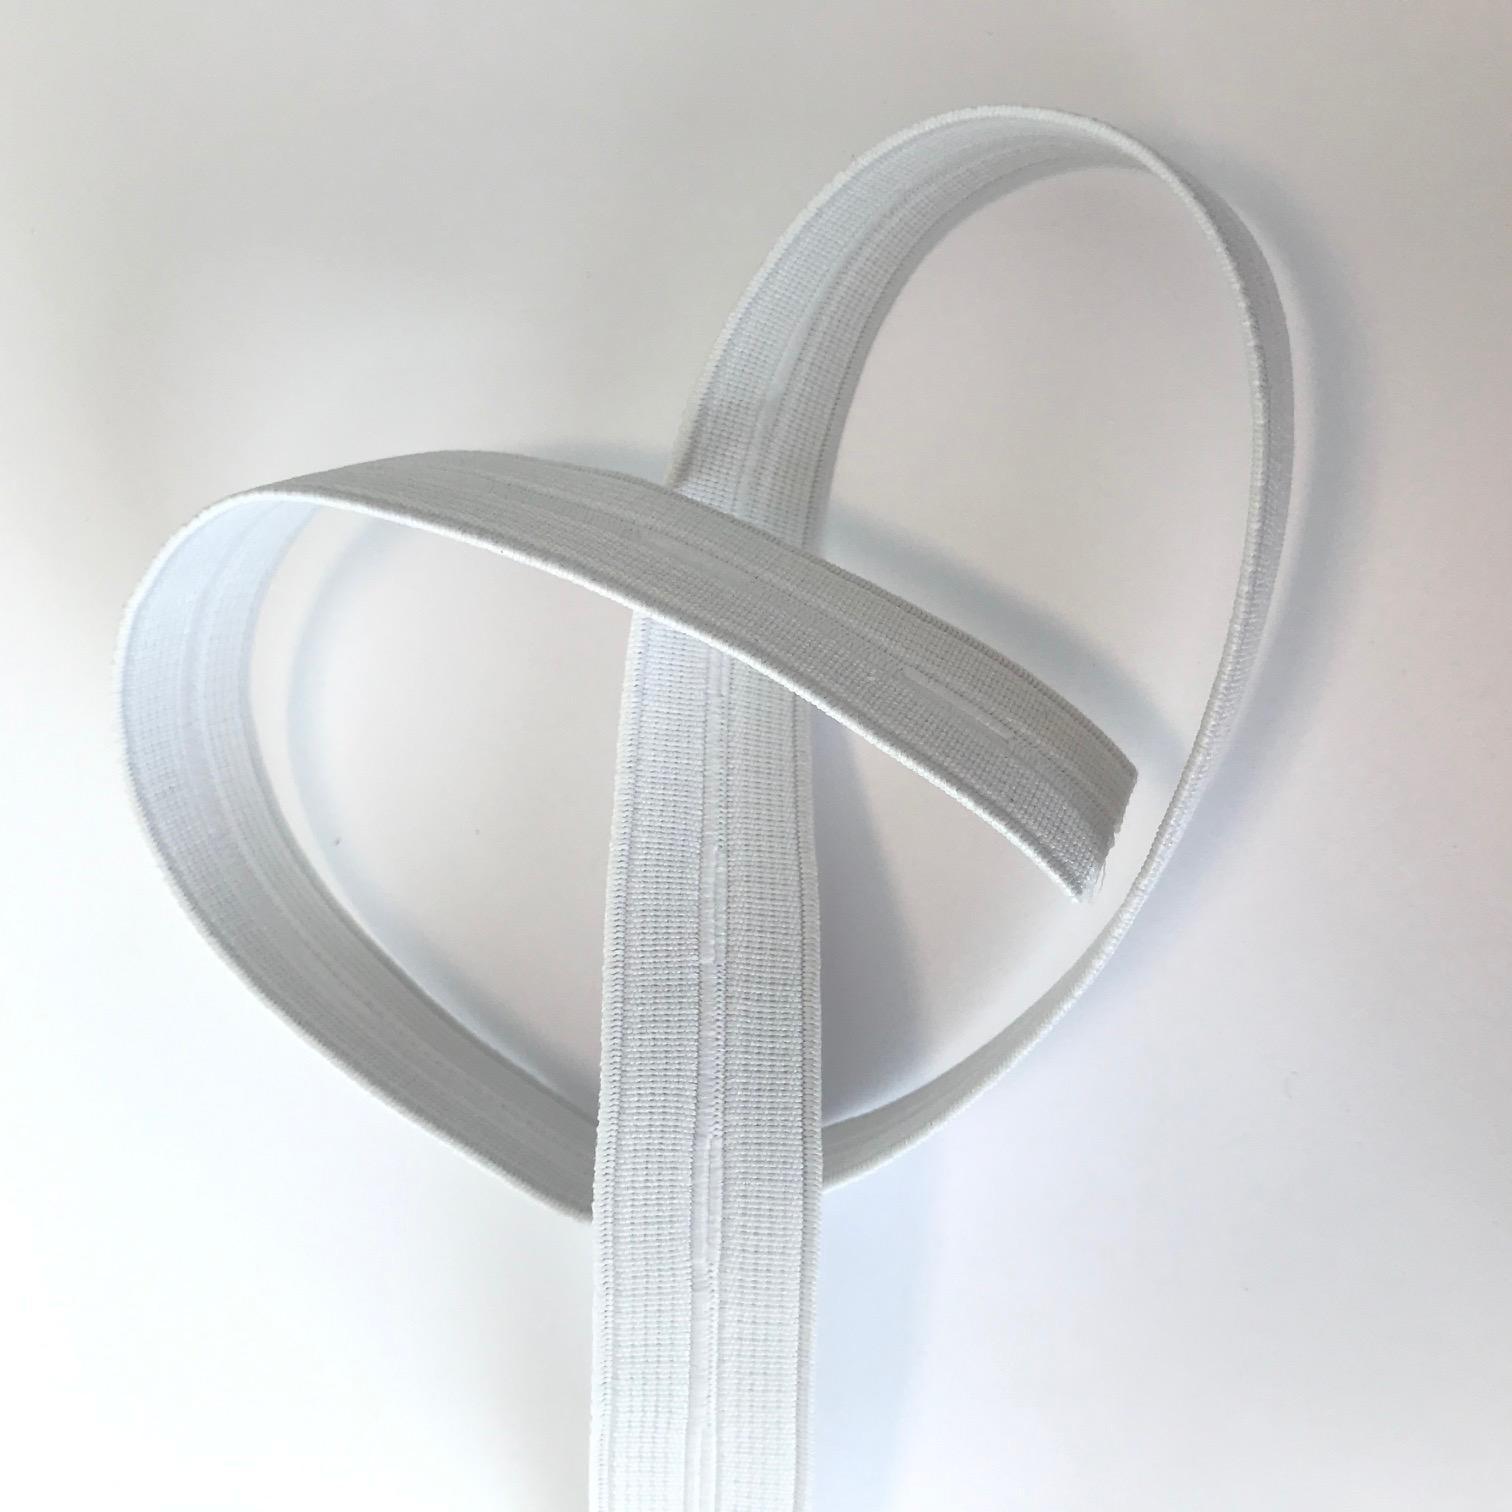 Elastique blanc boutonniere 20mm